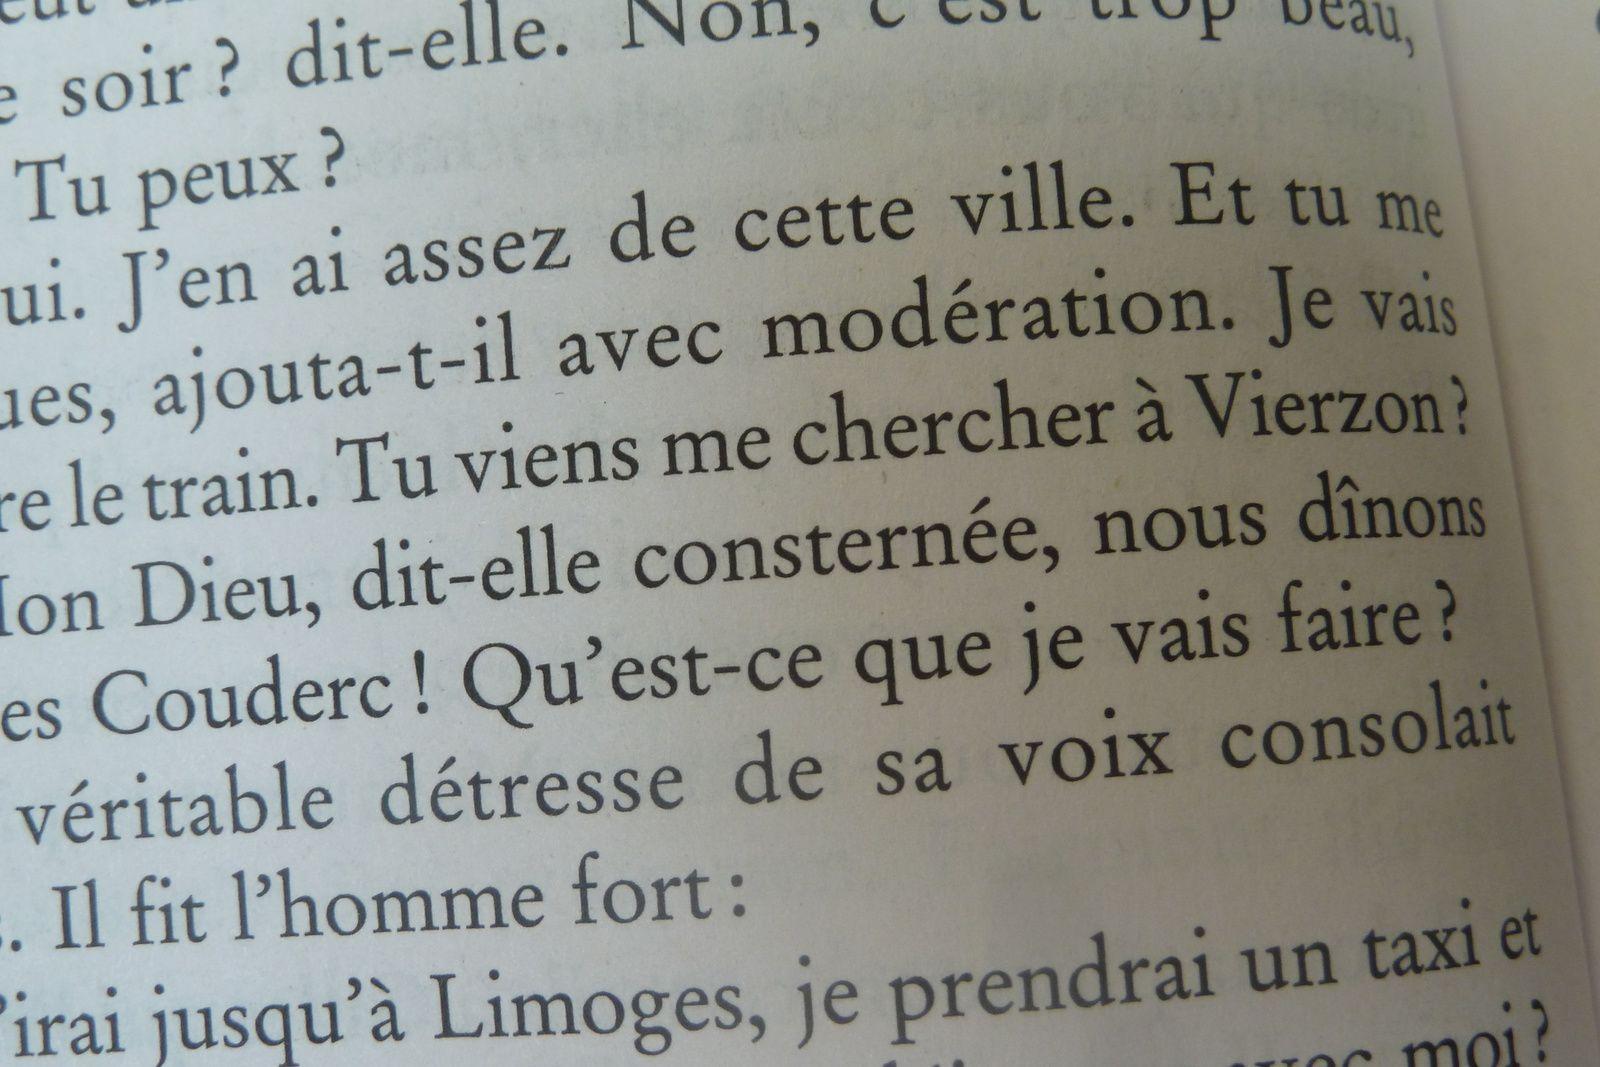 Et Françoise Sagan cita Vierzon !